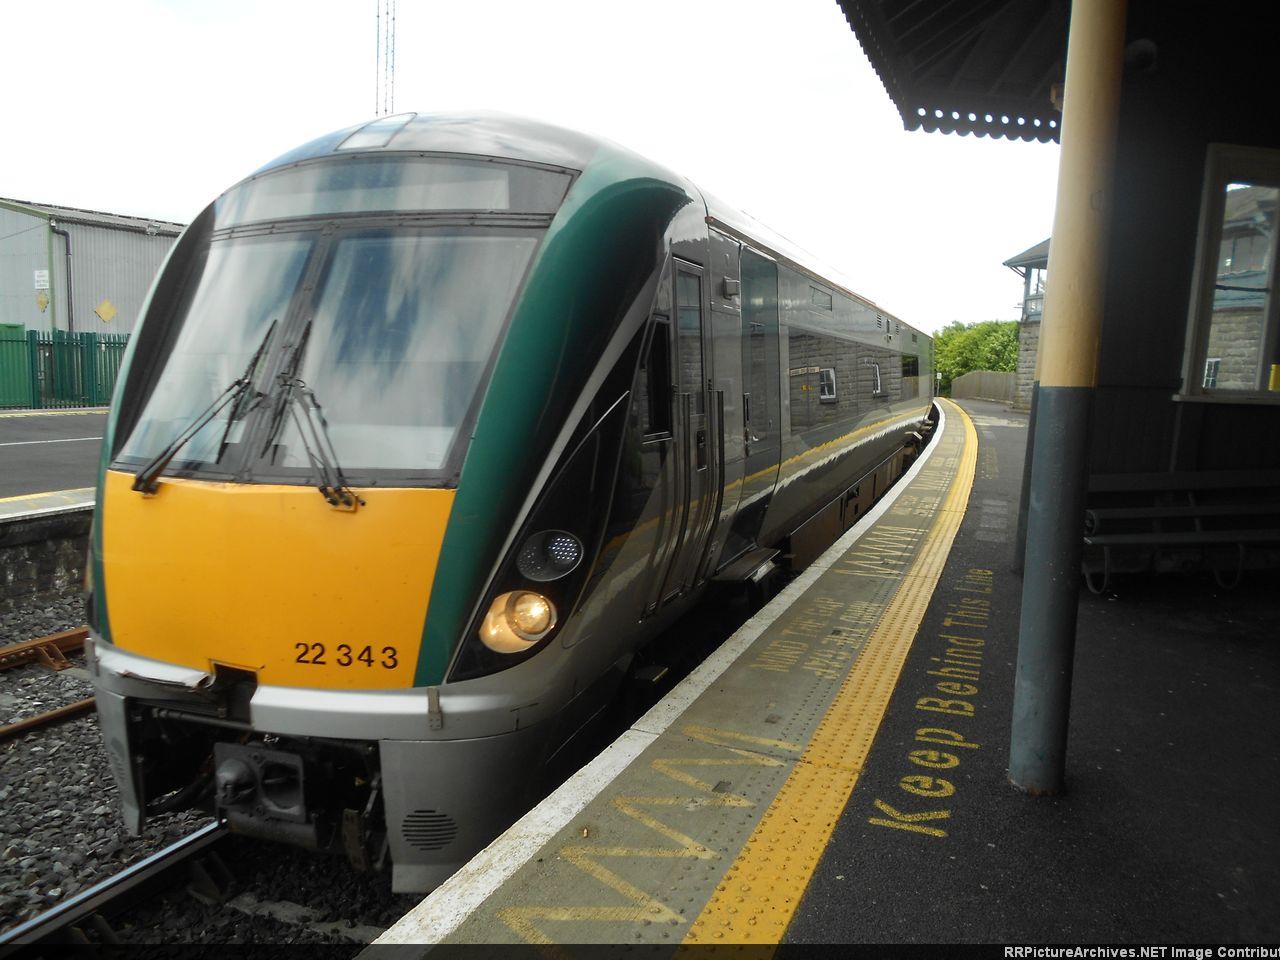 Irish Rail (Iarnród Éireann) Dublin-Sligo InterCity Service